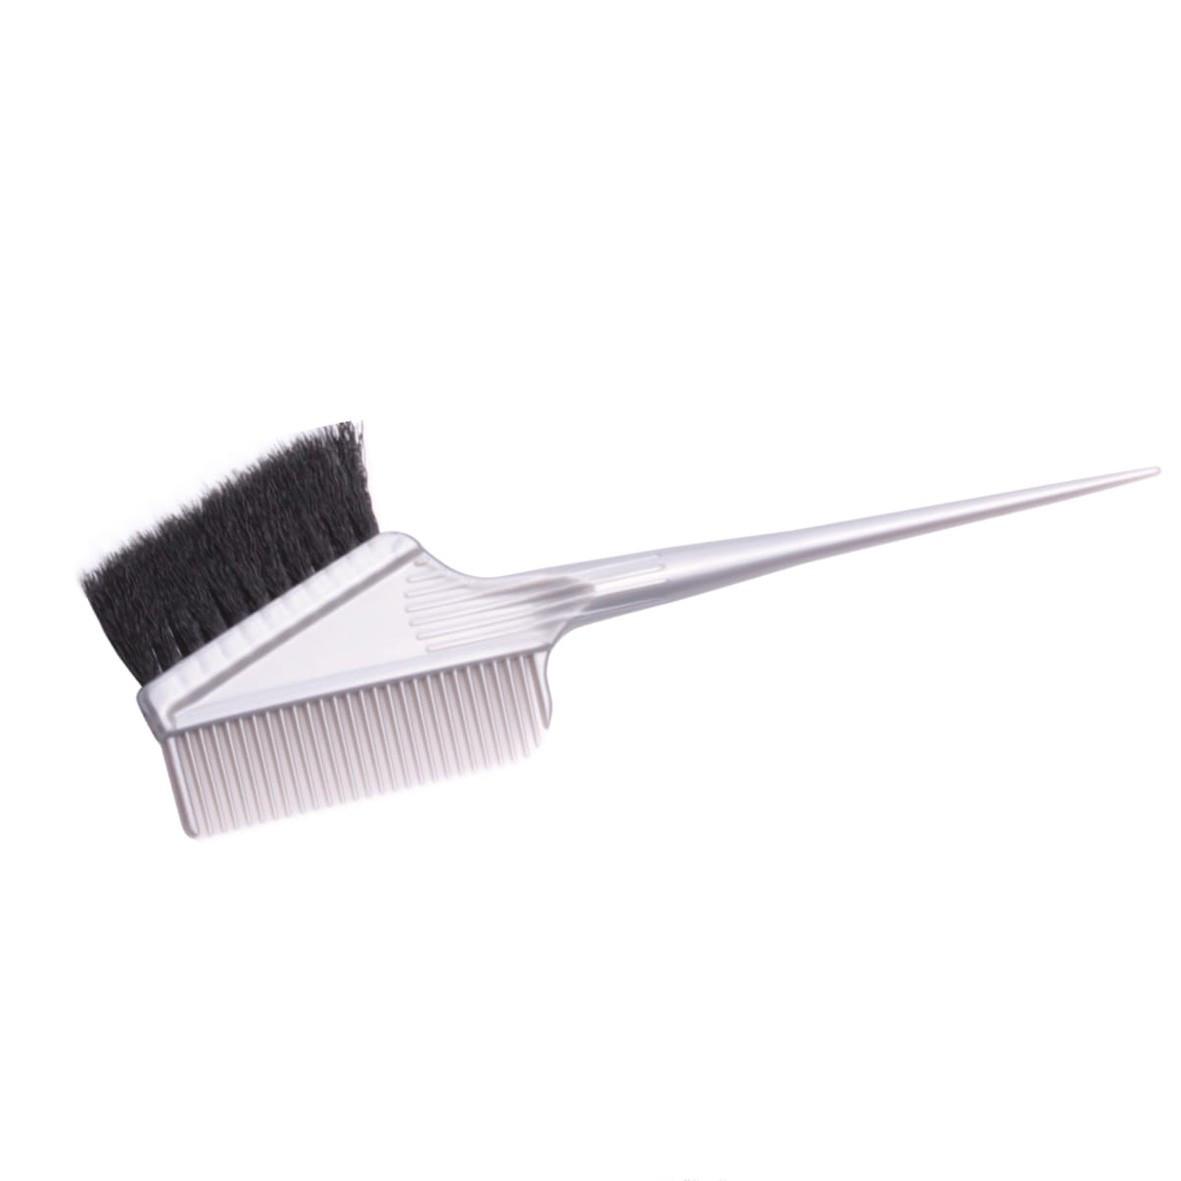 Кисть для окрашивания волос Proline (JPP1428-1)